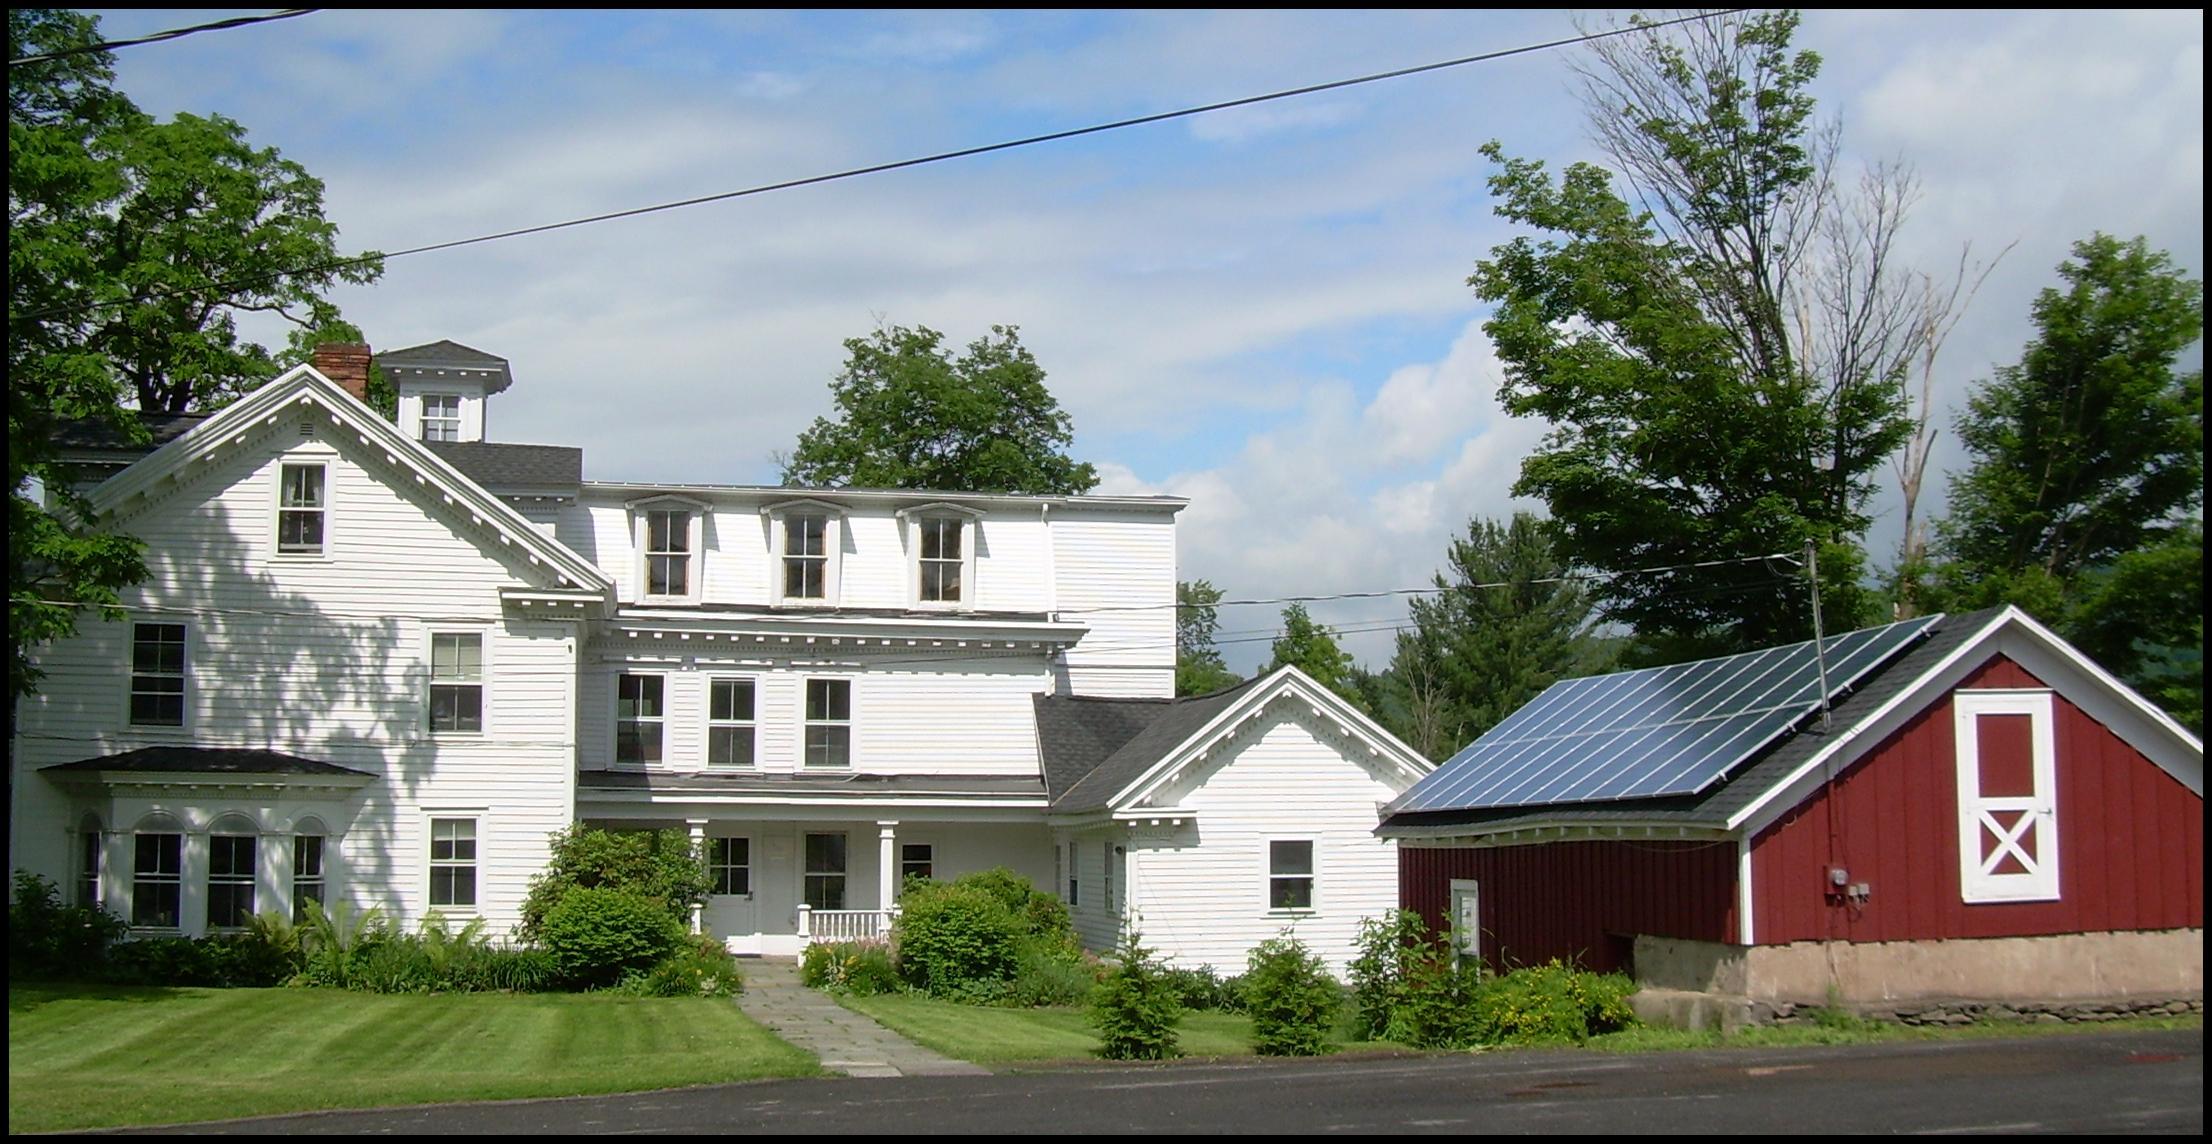 Catskill Center for Conservation & Development, Erpf Center